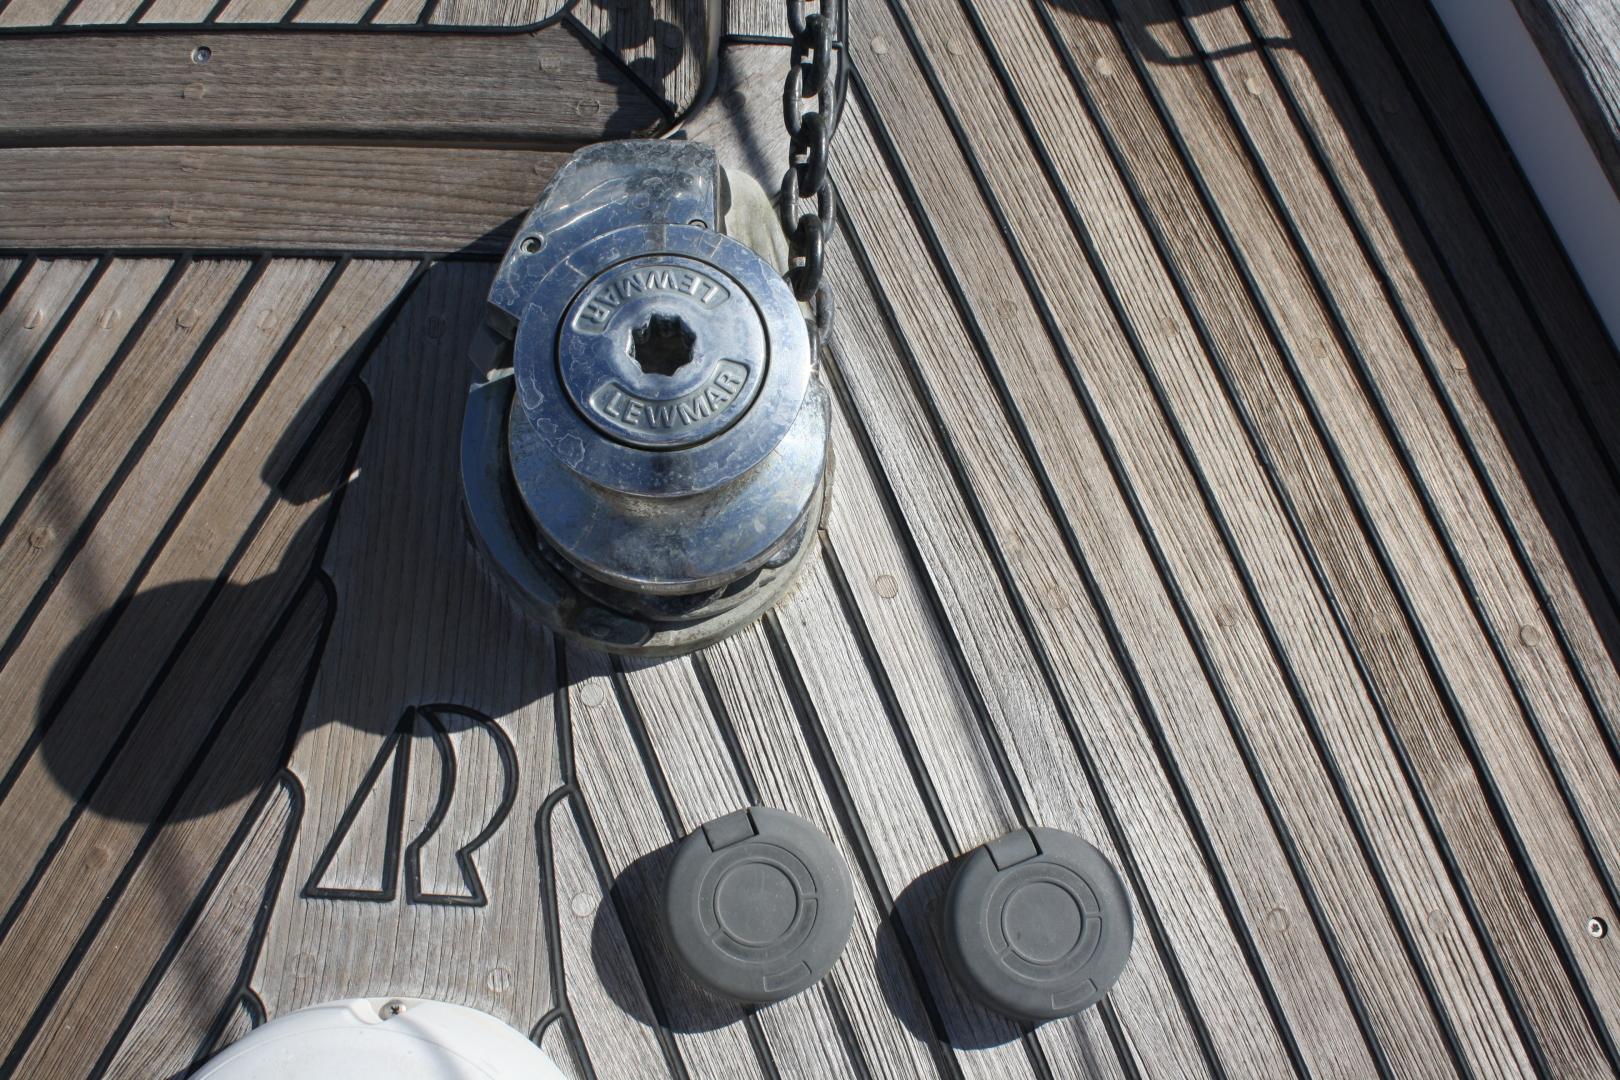 Hallberg-Rassy-36 MKII 2002-Vivace 1 Stuart-Florida-United States-1312740   Thumbnail